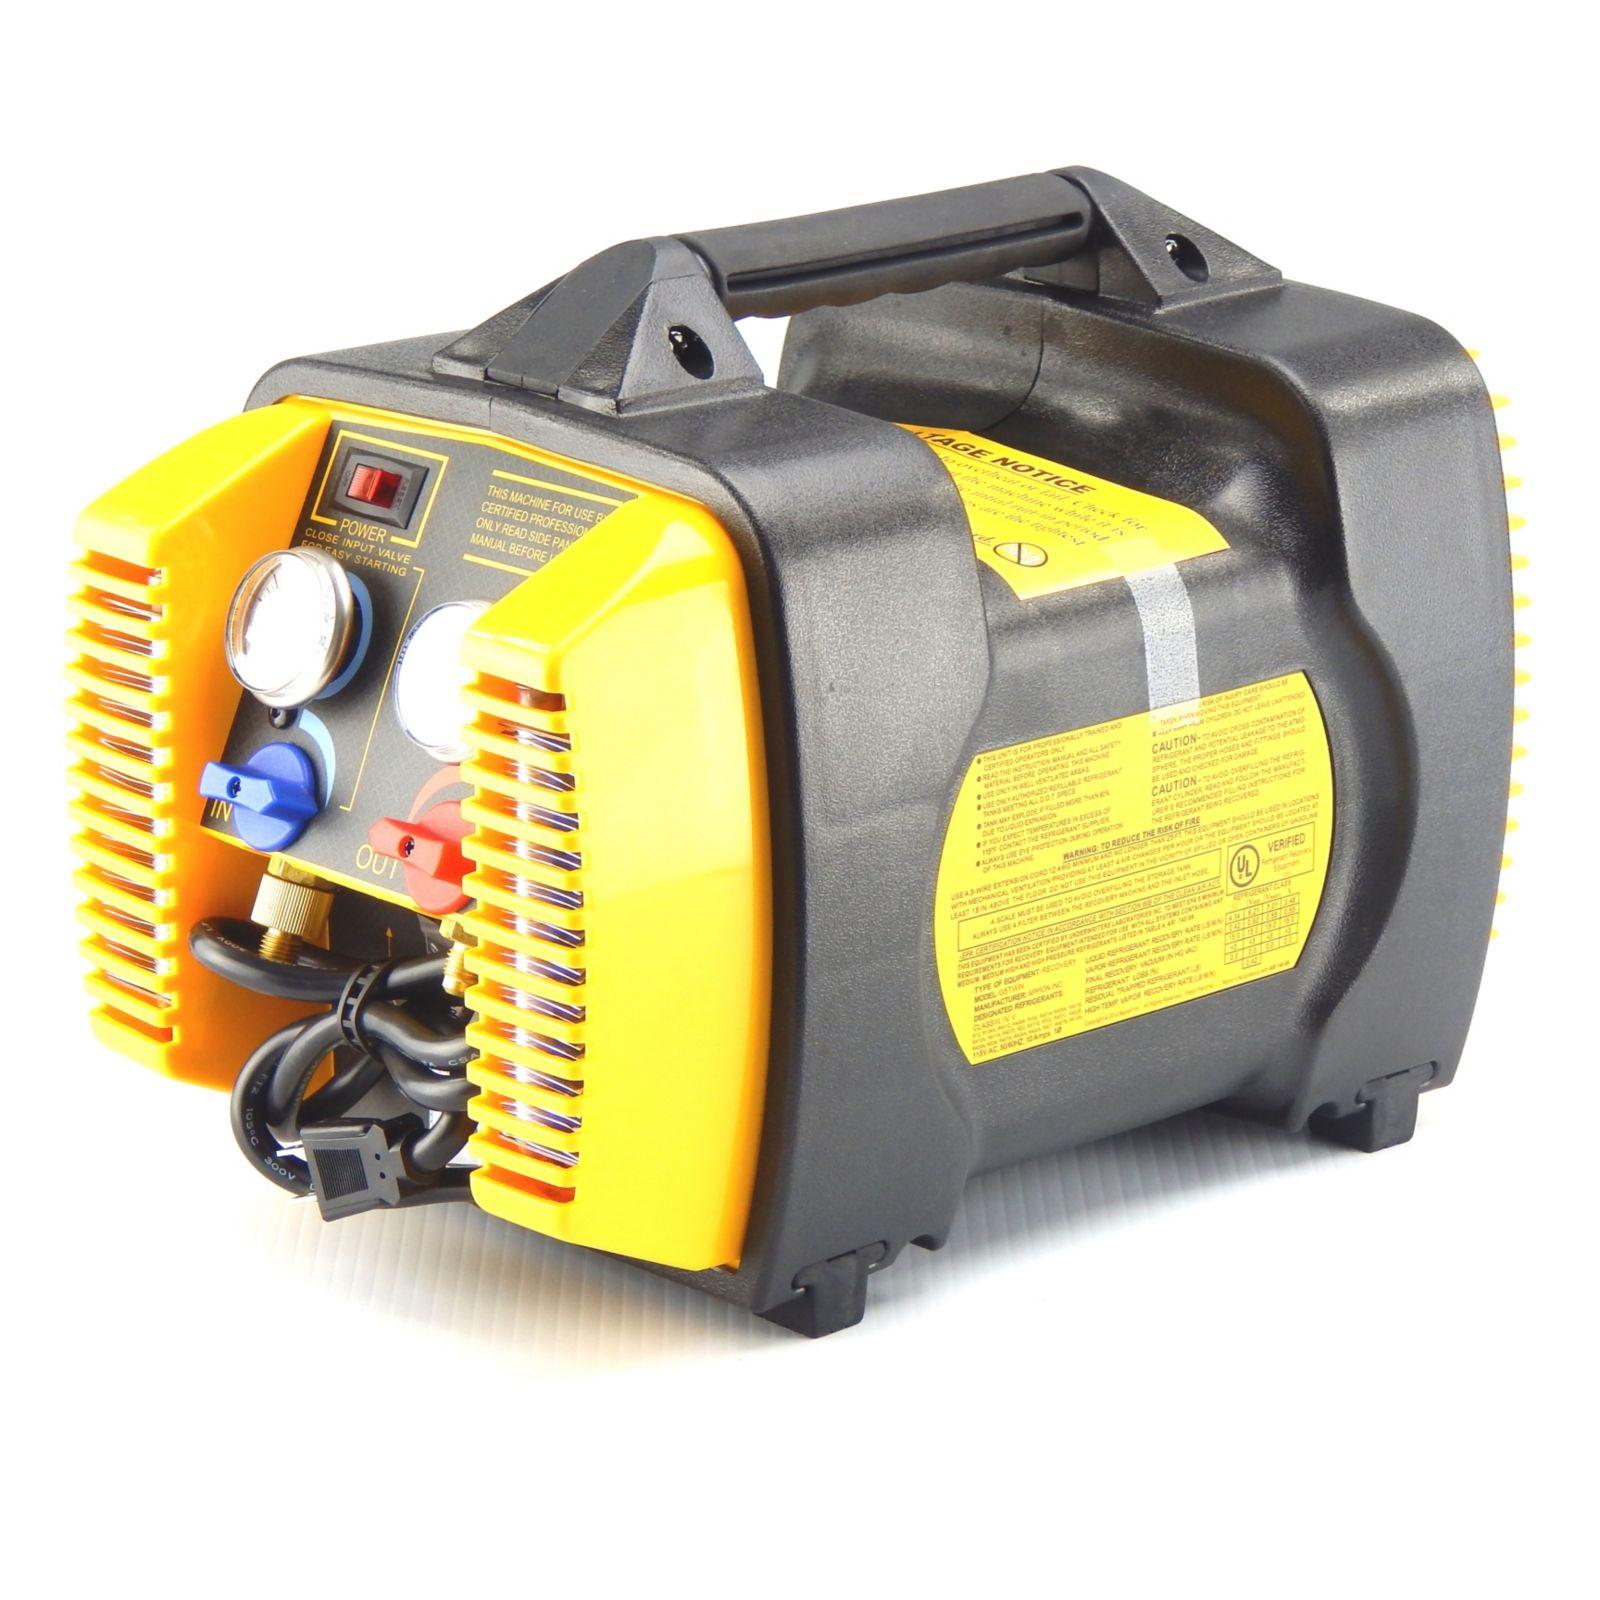 Air conditioner equipment